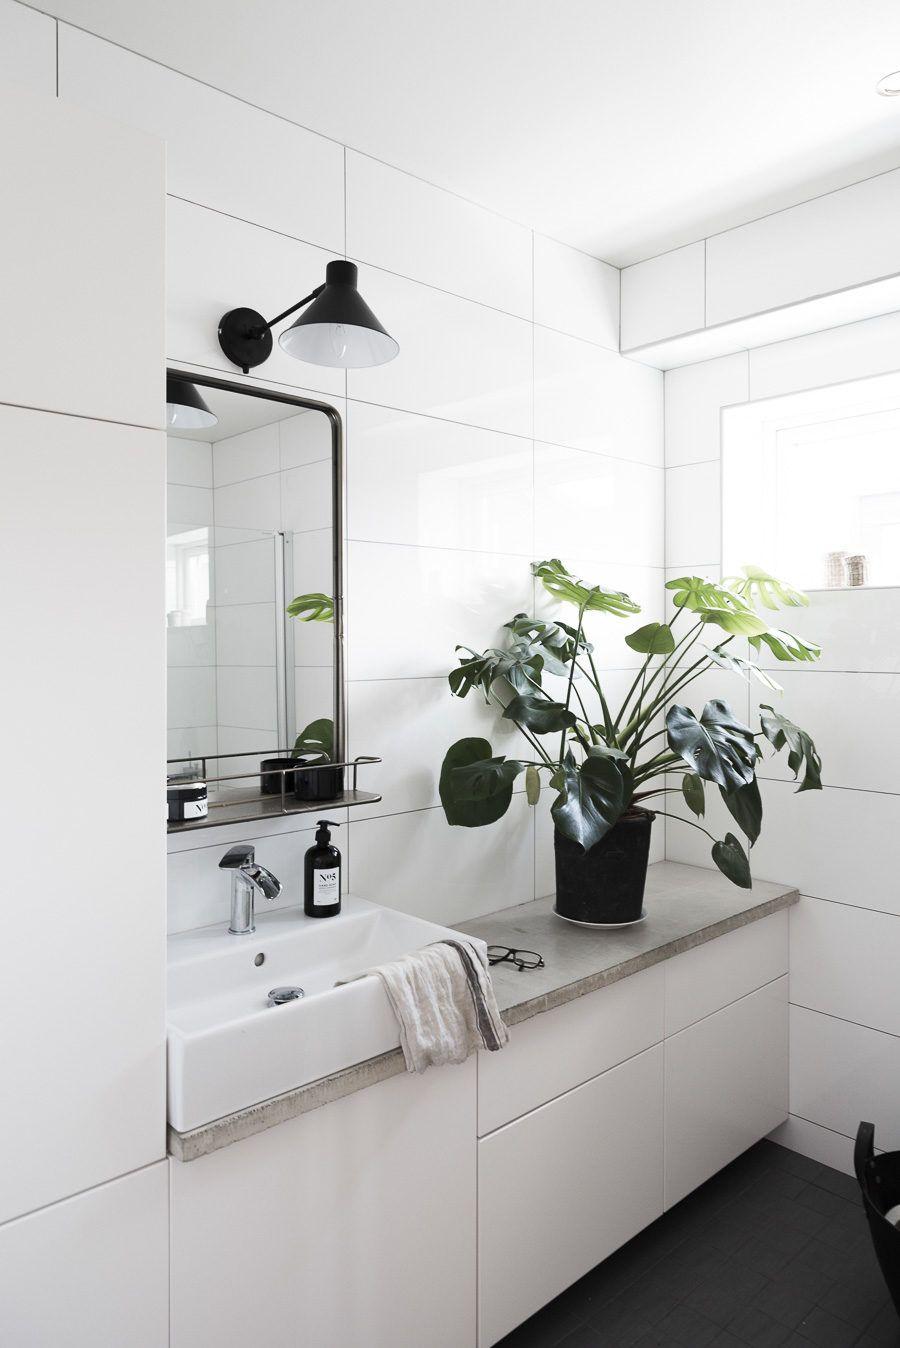 Äntligen ett färdigt badrum byggt med IKEAs köksskåp | Mormorsglamour